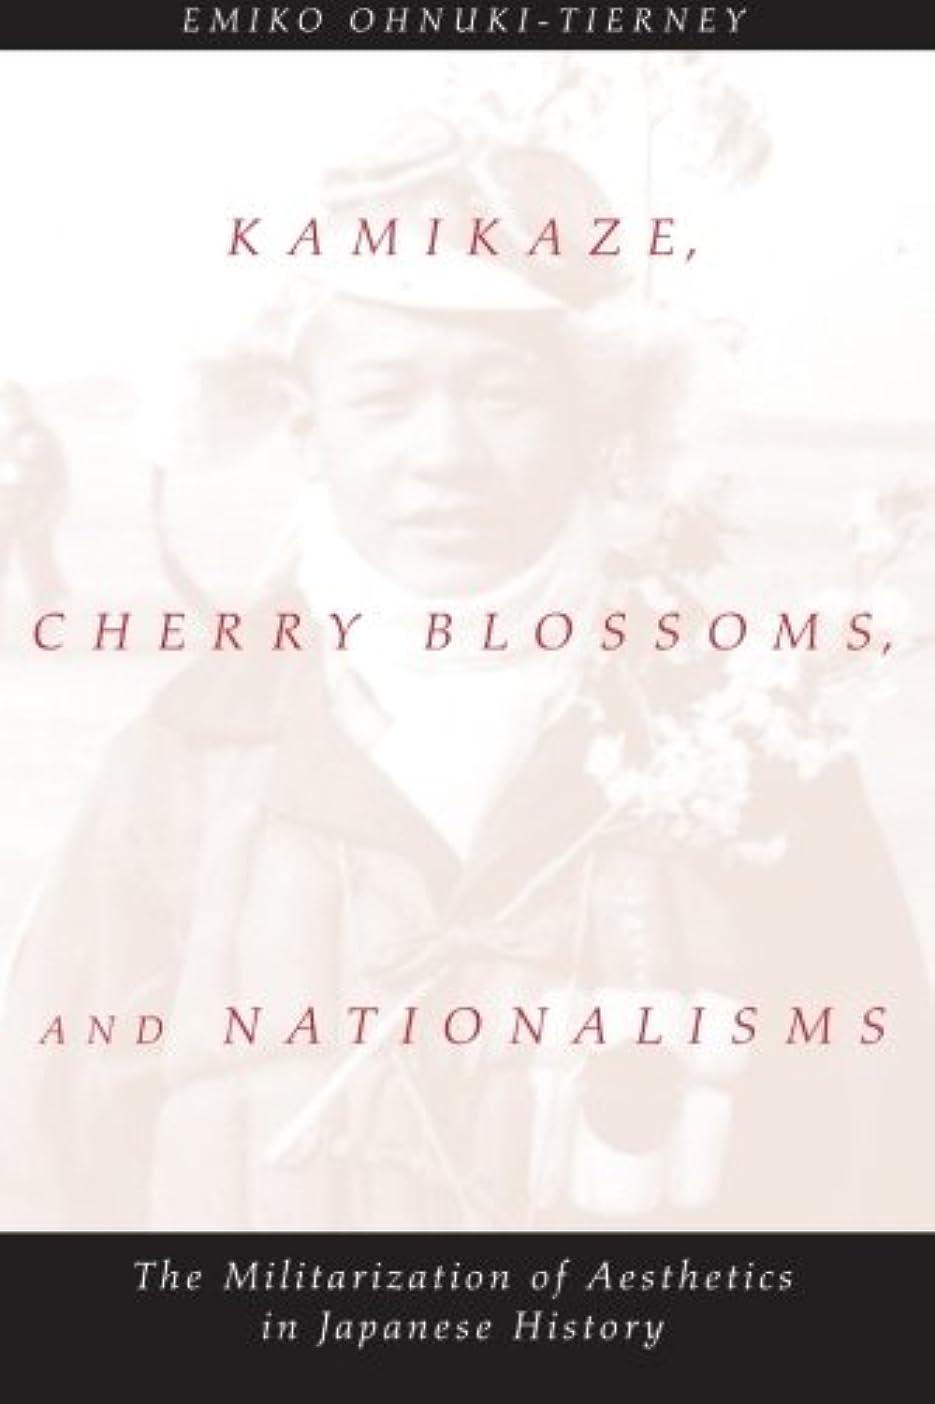 エイズロール冒険家Kamikaze, Cherry Blossoms, and Nationalisms: The Militarization of Aesthetics in Japanese History